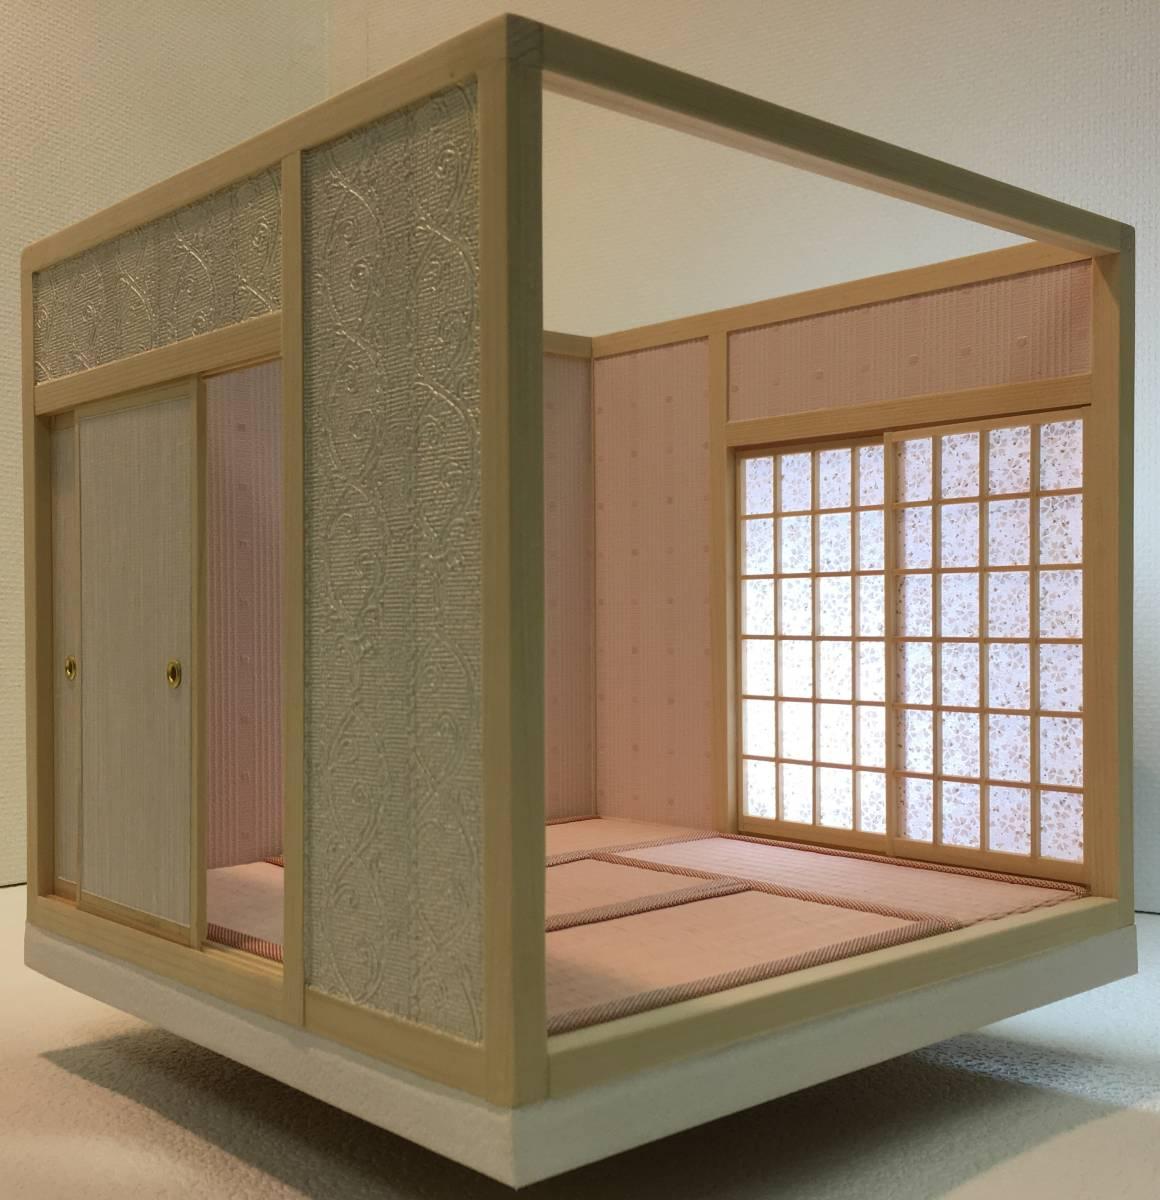 ドールハウス 和室 和風 畳部屋 1/12 サイズ ピンク ポップ桜の間。プチブライス ピコニーモ あまむす オビツ11のミニチュア人形装飾撮影等_画像2